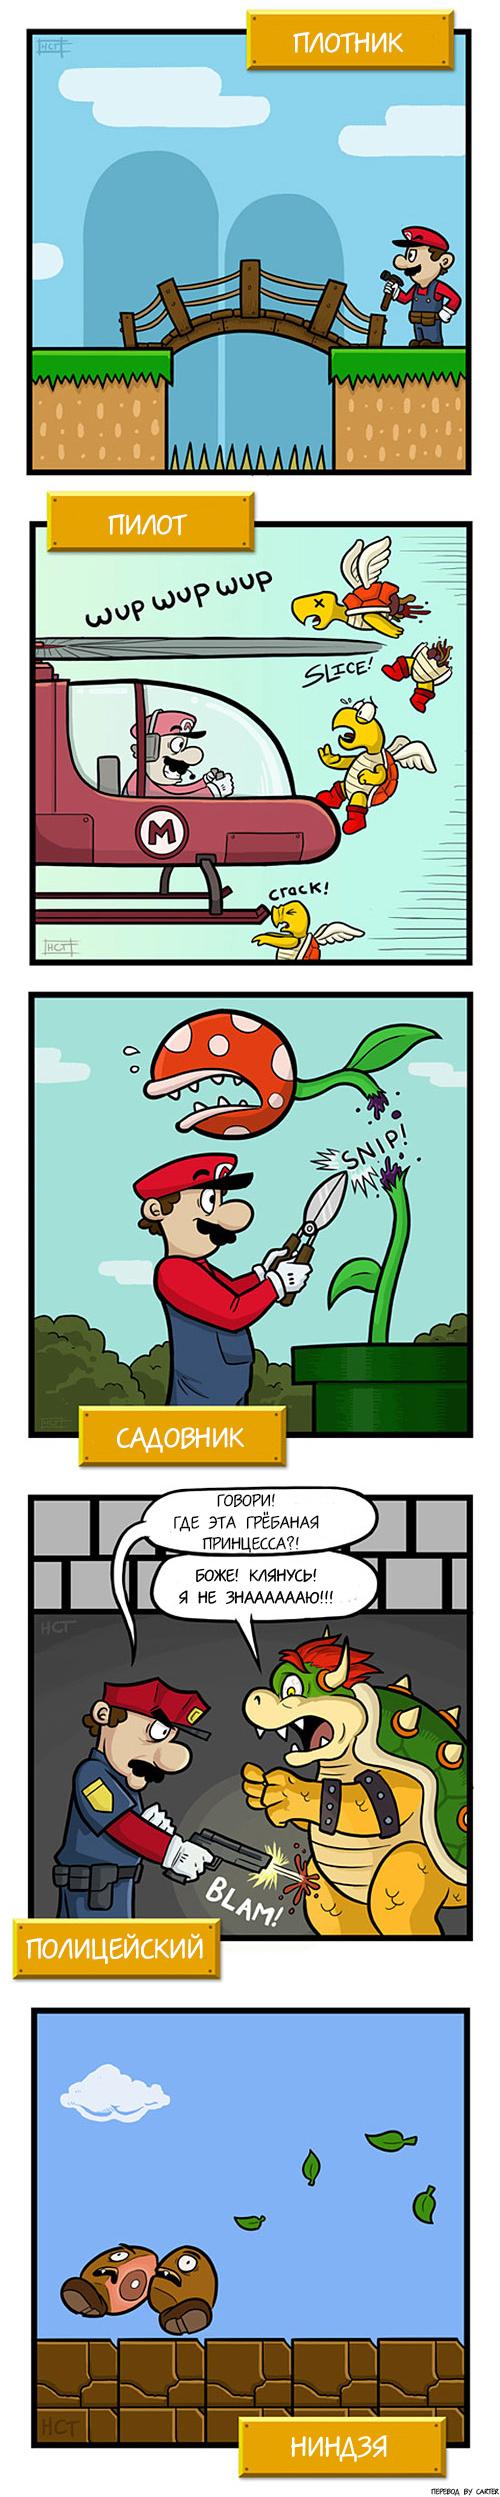 5 альтернативных профессий для Марио Марио, Профессия, Комиксы, Картинки, Длиннопост